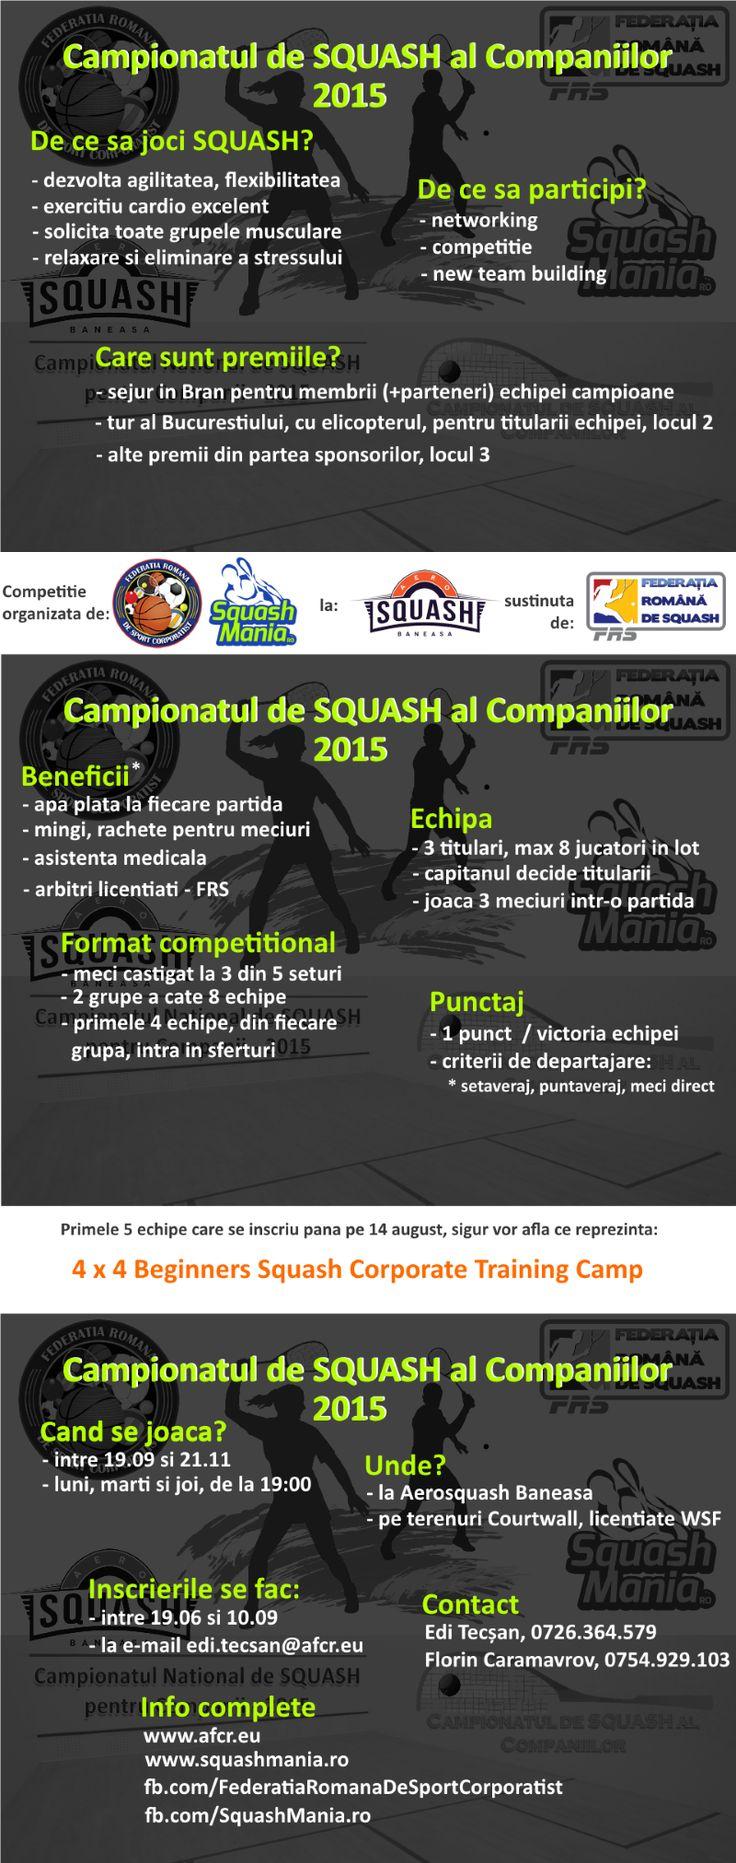 De ce sa intram in competitia companiilor?  Delatii Campionat (SquashMania): http://goo.gl/gsbdTD Detalii campionat (AFCR.eu): http://goo.gl/iHEI8r 4x4... http://goo.gl/hNp1F2